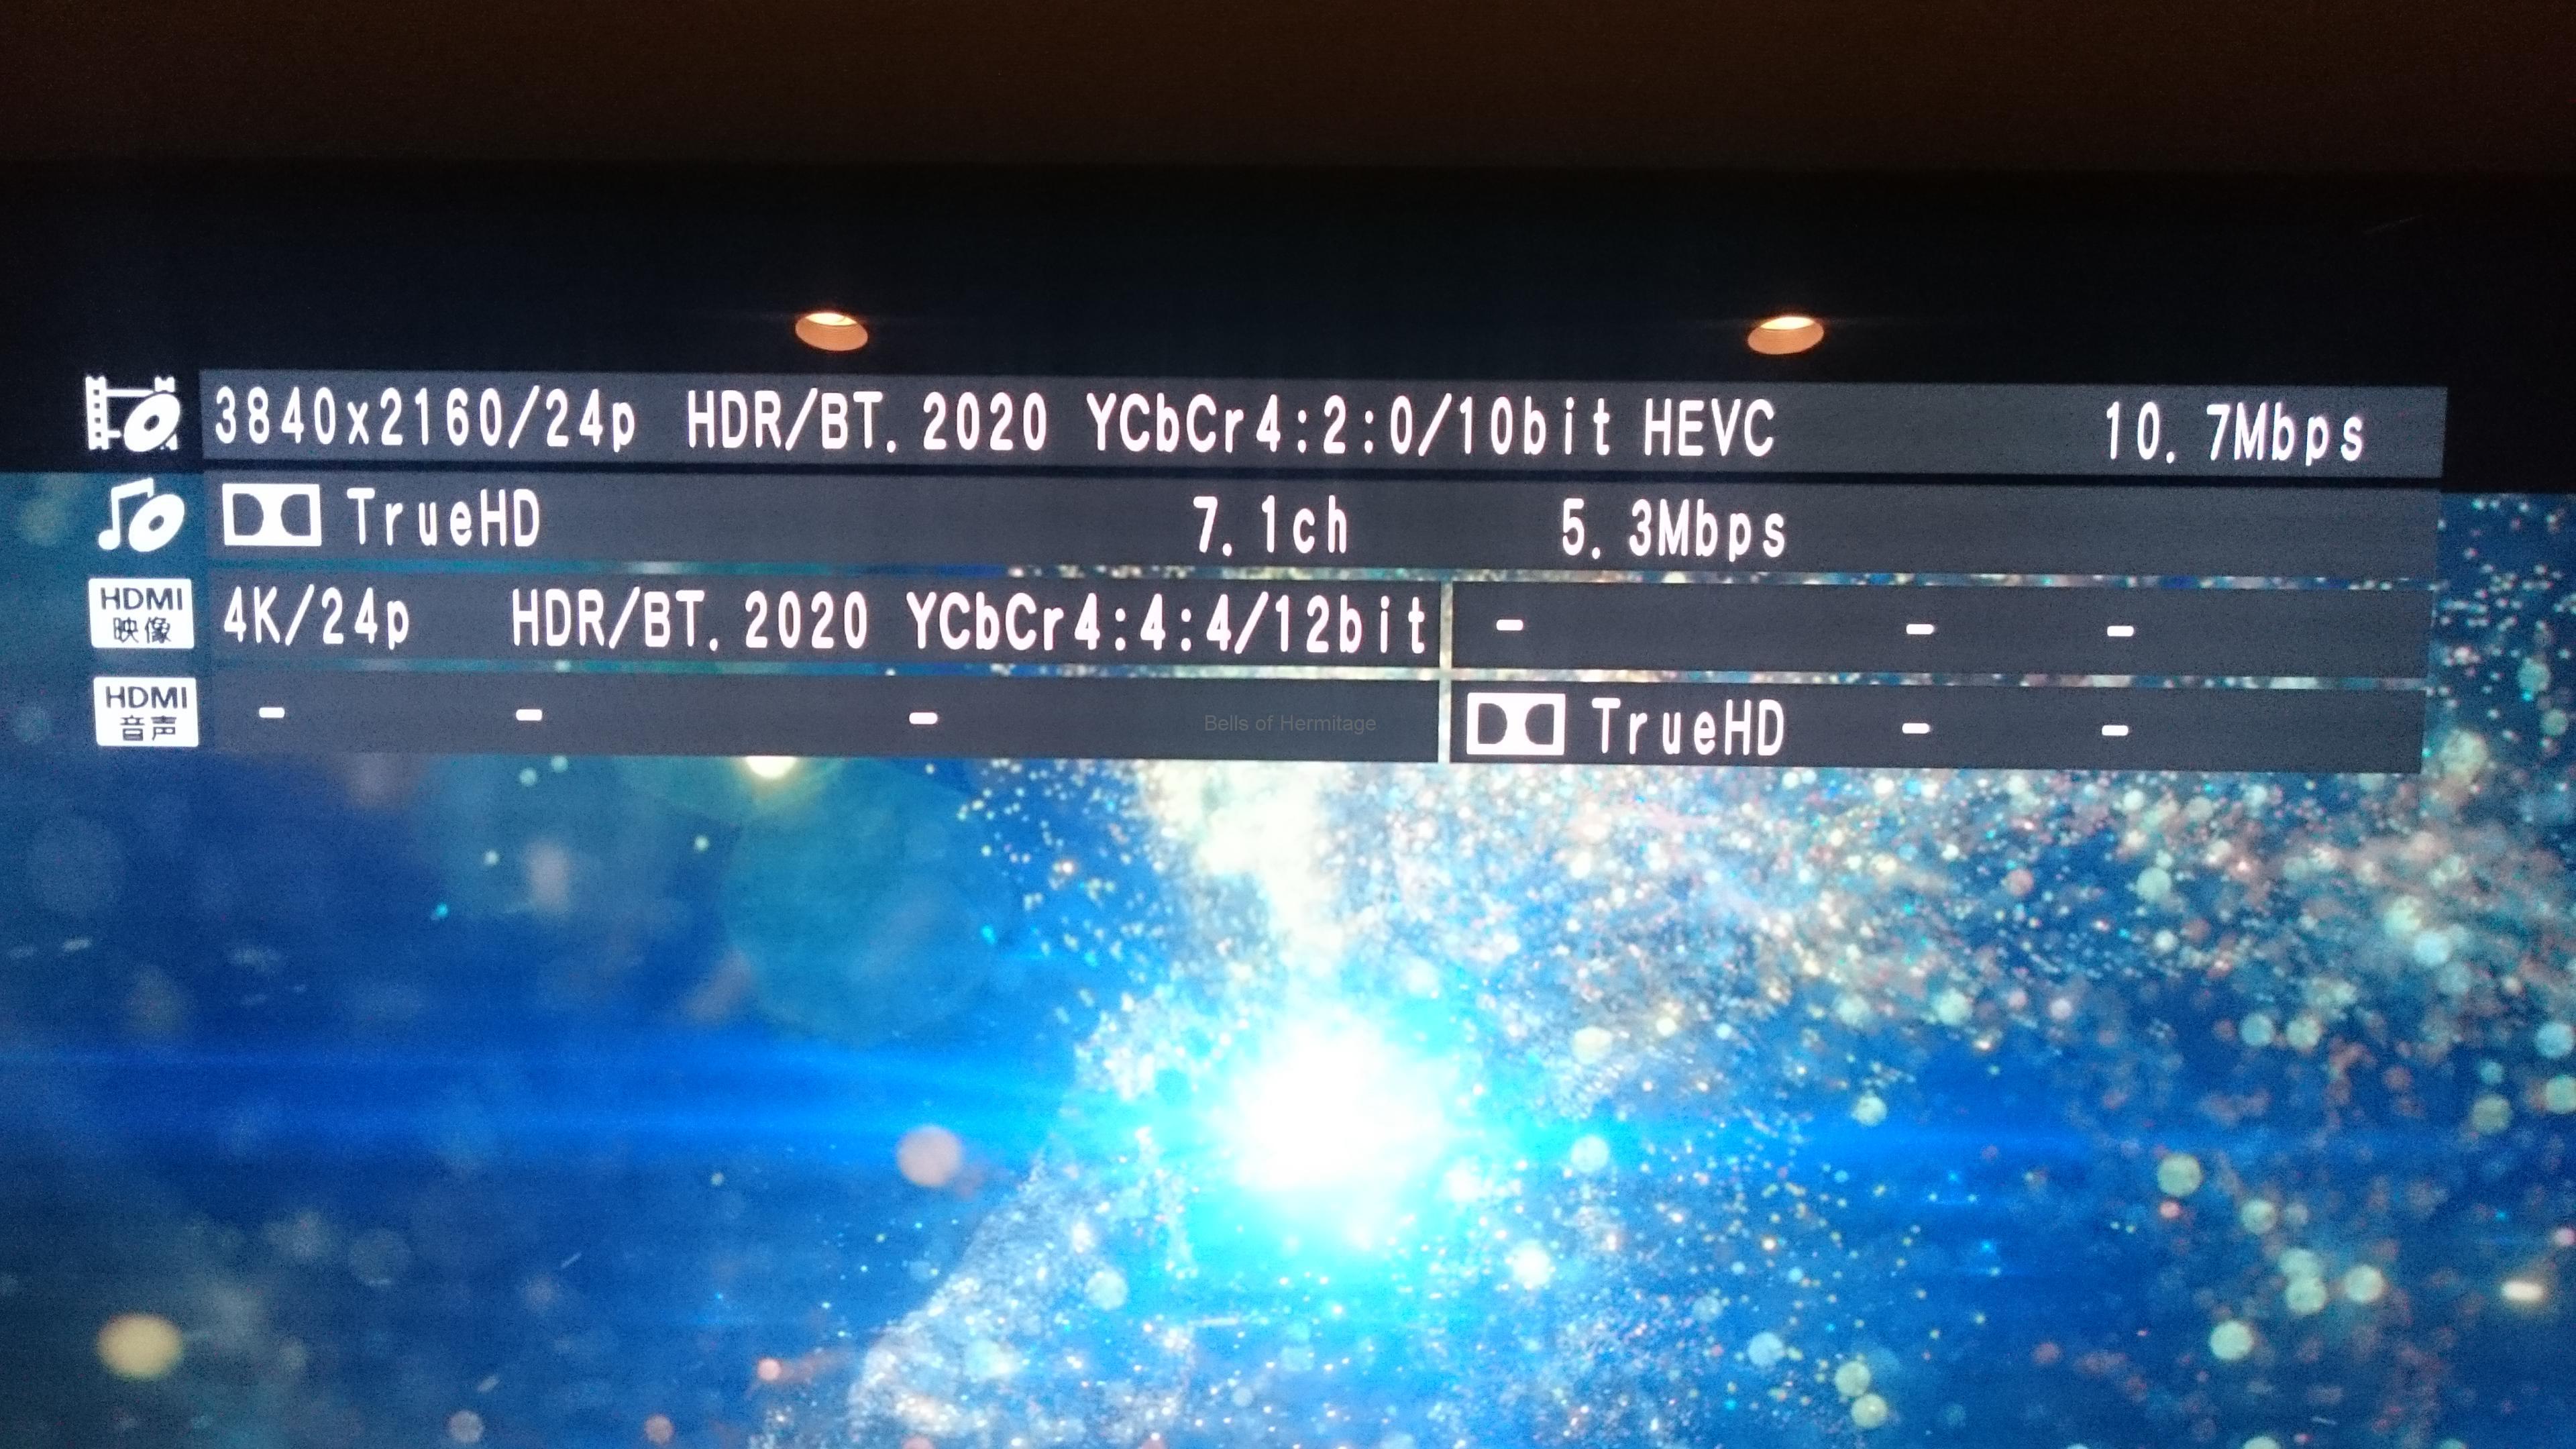 ホームシアター 4K/HDR Panasonic DMP-UB900 Urtra HD Blu-ray 4K Ultra HDソフト DVD Fantasium PAN ネバーランド、夢のはじまり